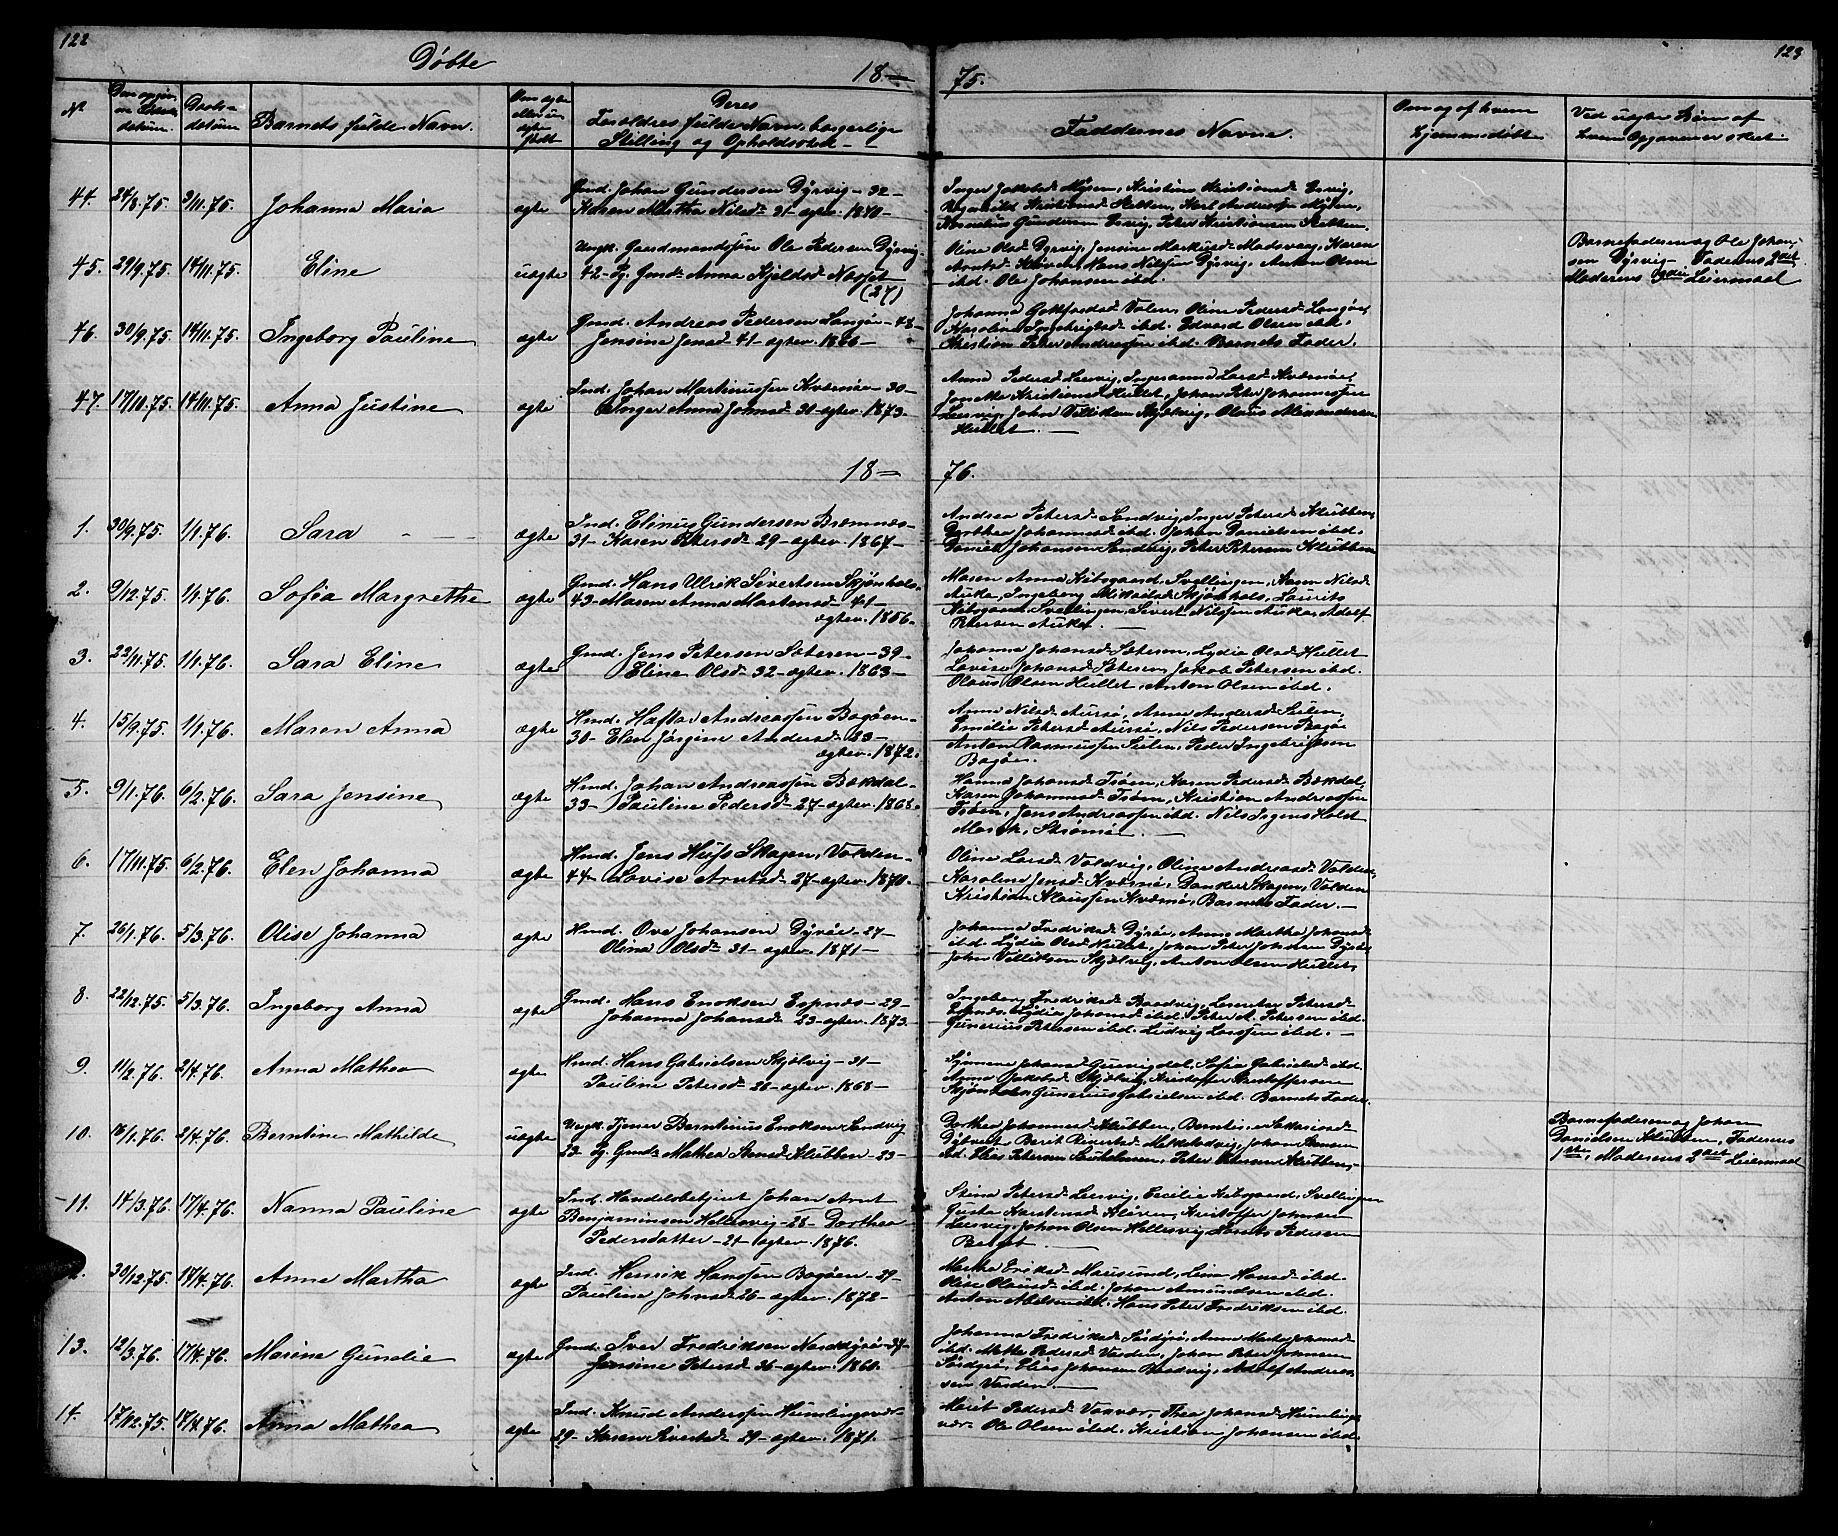 SAT, Ministerialprotokoller, klokkerbøker og fødselsregistre - Sør-Trøndelag, 640/L0583: Klokkerbok nr. 640C01, 1866-1877, s. 122-123